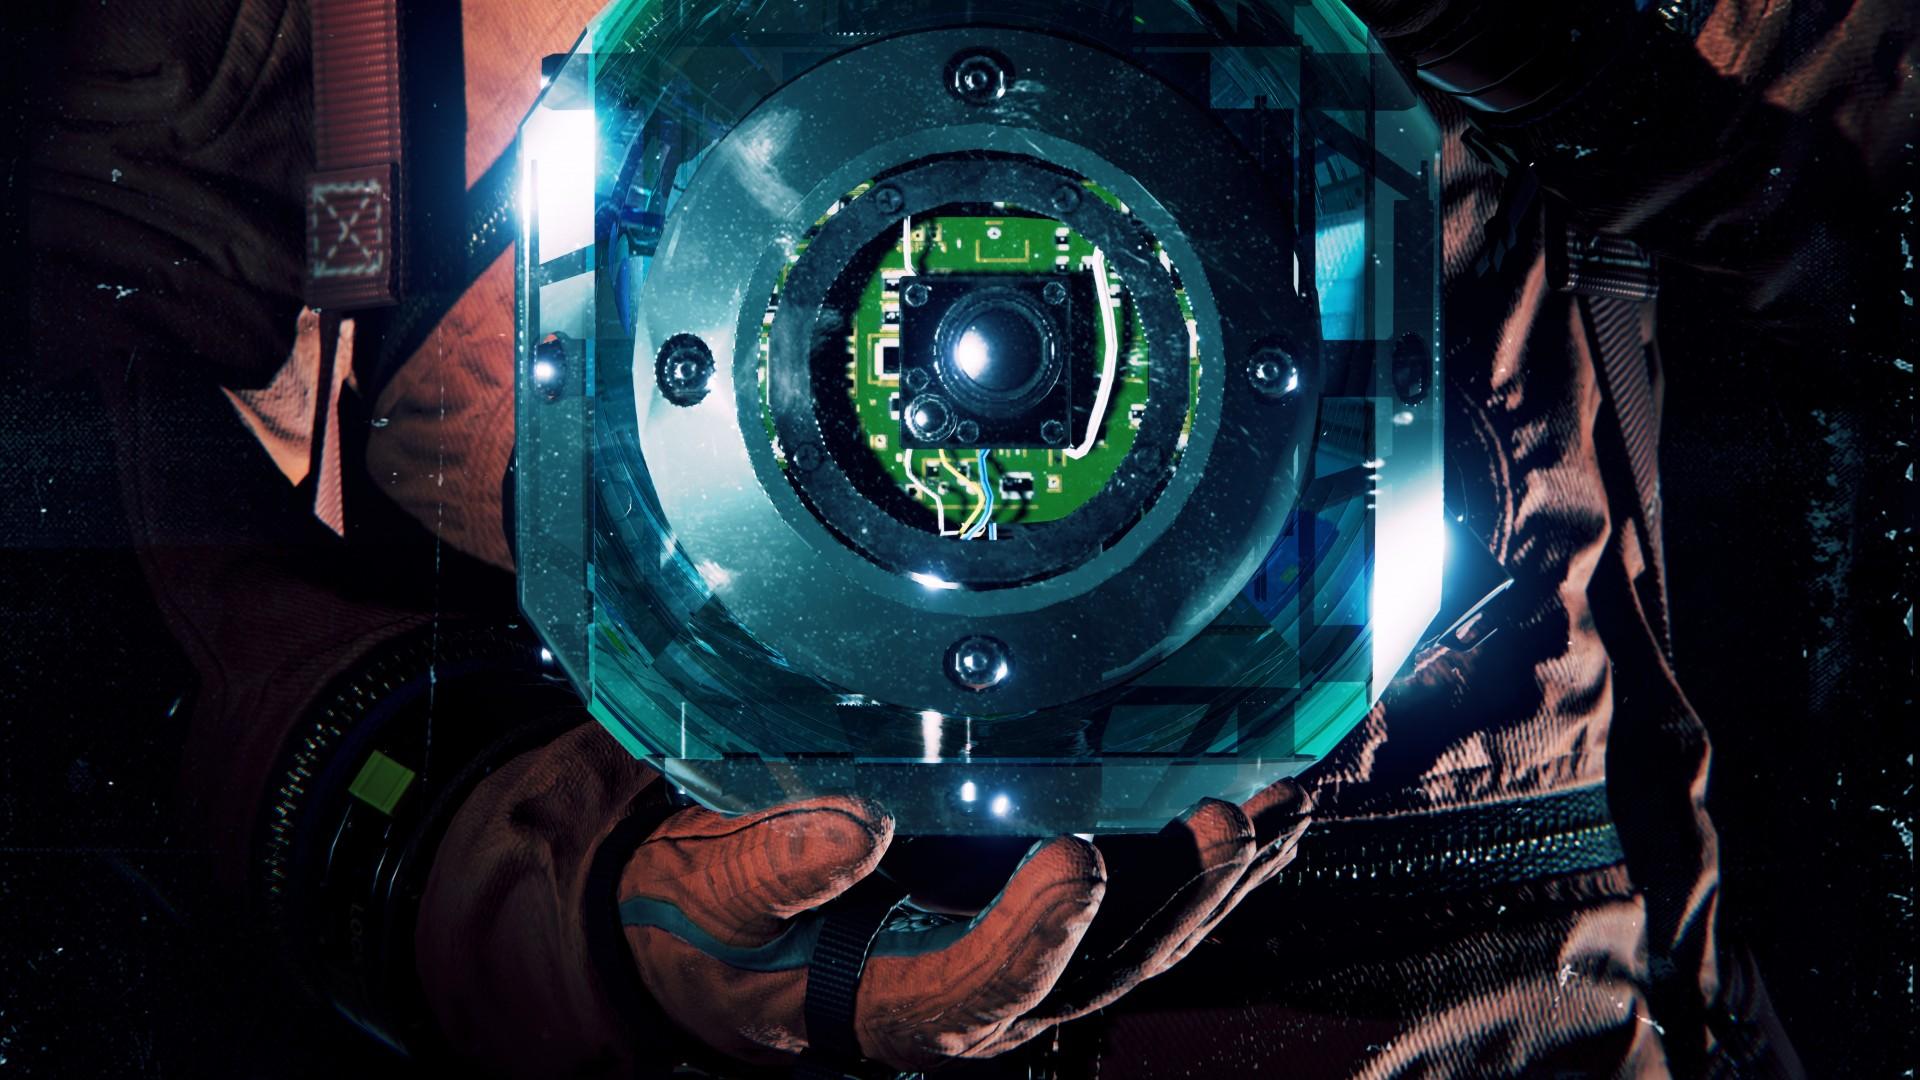 Wallpaper Observation poster 5K Games 21526 1920x1080